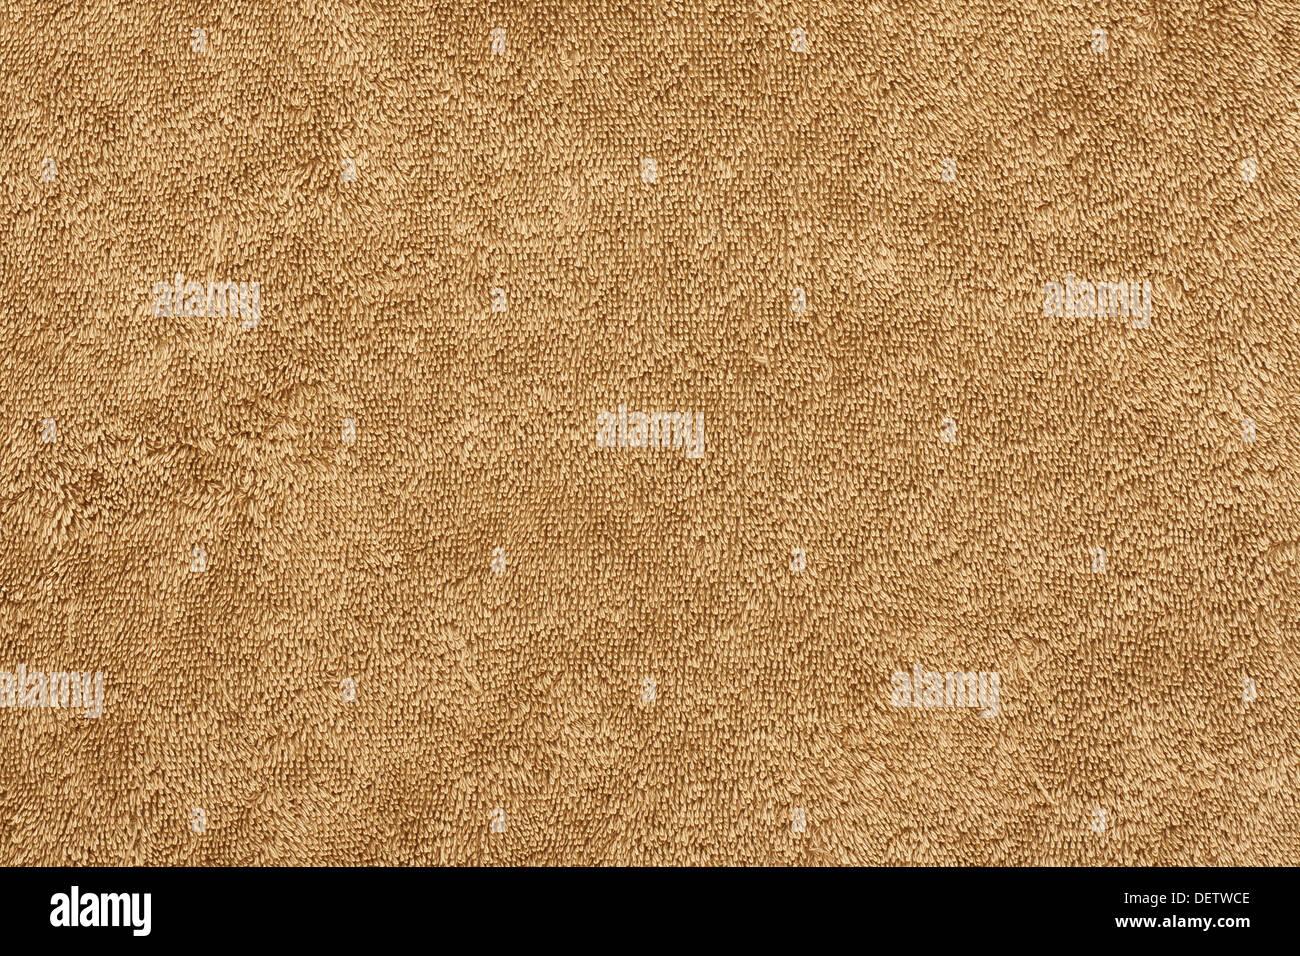 Arrière-plan de l'éponge coton twist sur une serviette de plage beige Photo Stock